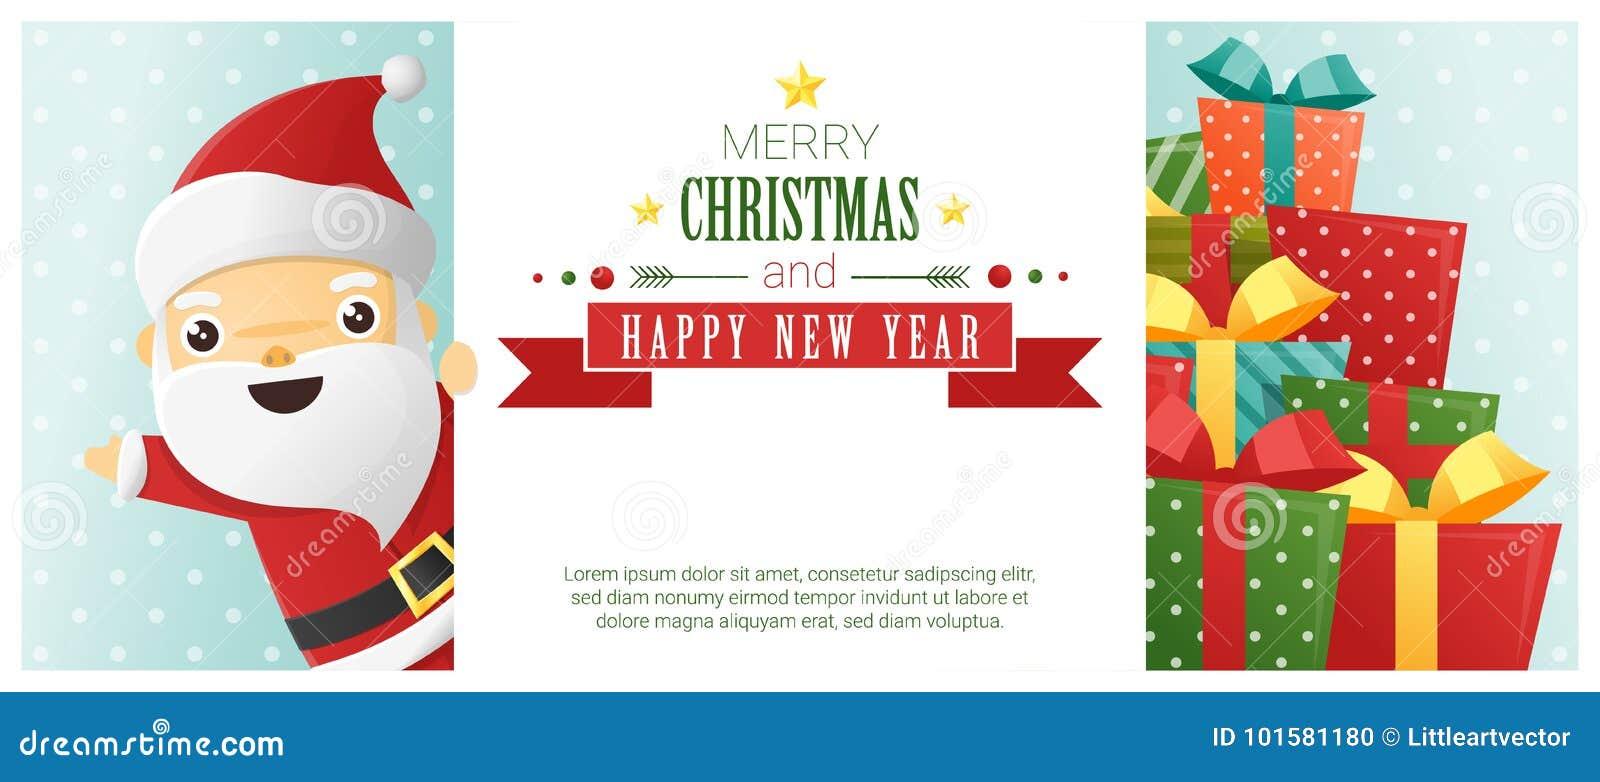 Vrolijke Kerstmis en Gelukkige Nieuwjaarachtergrond met Santa Claus die zich achter aanplakbord bevinden